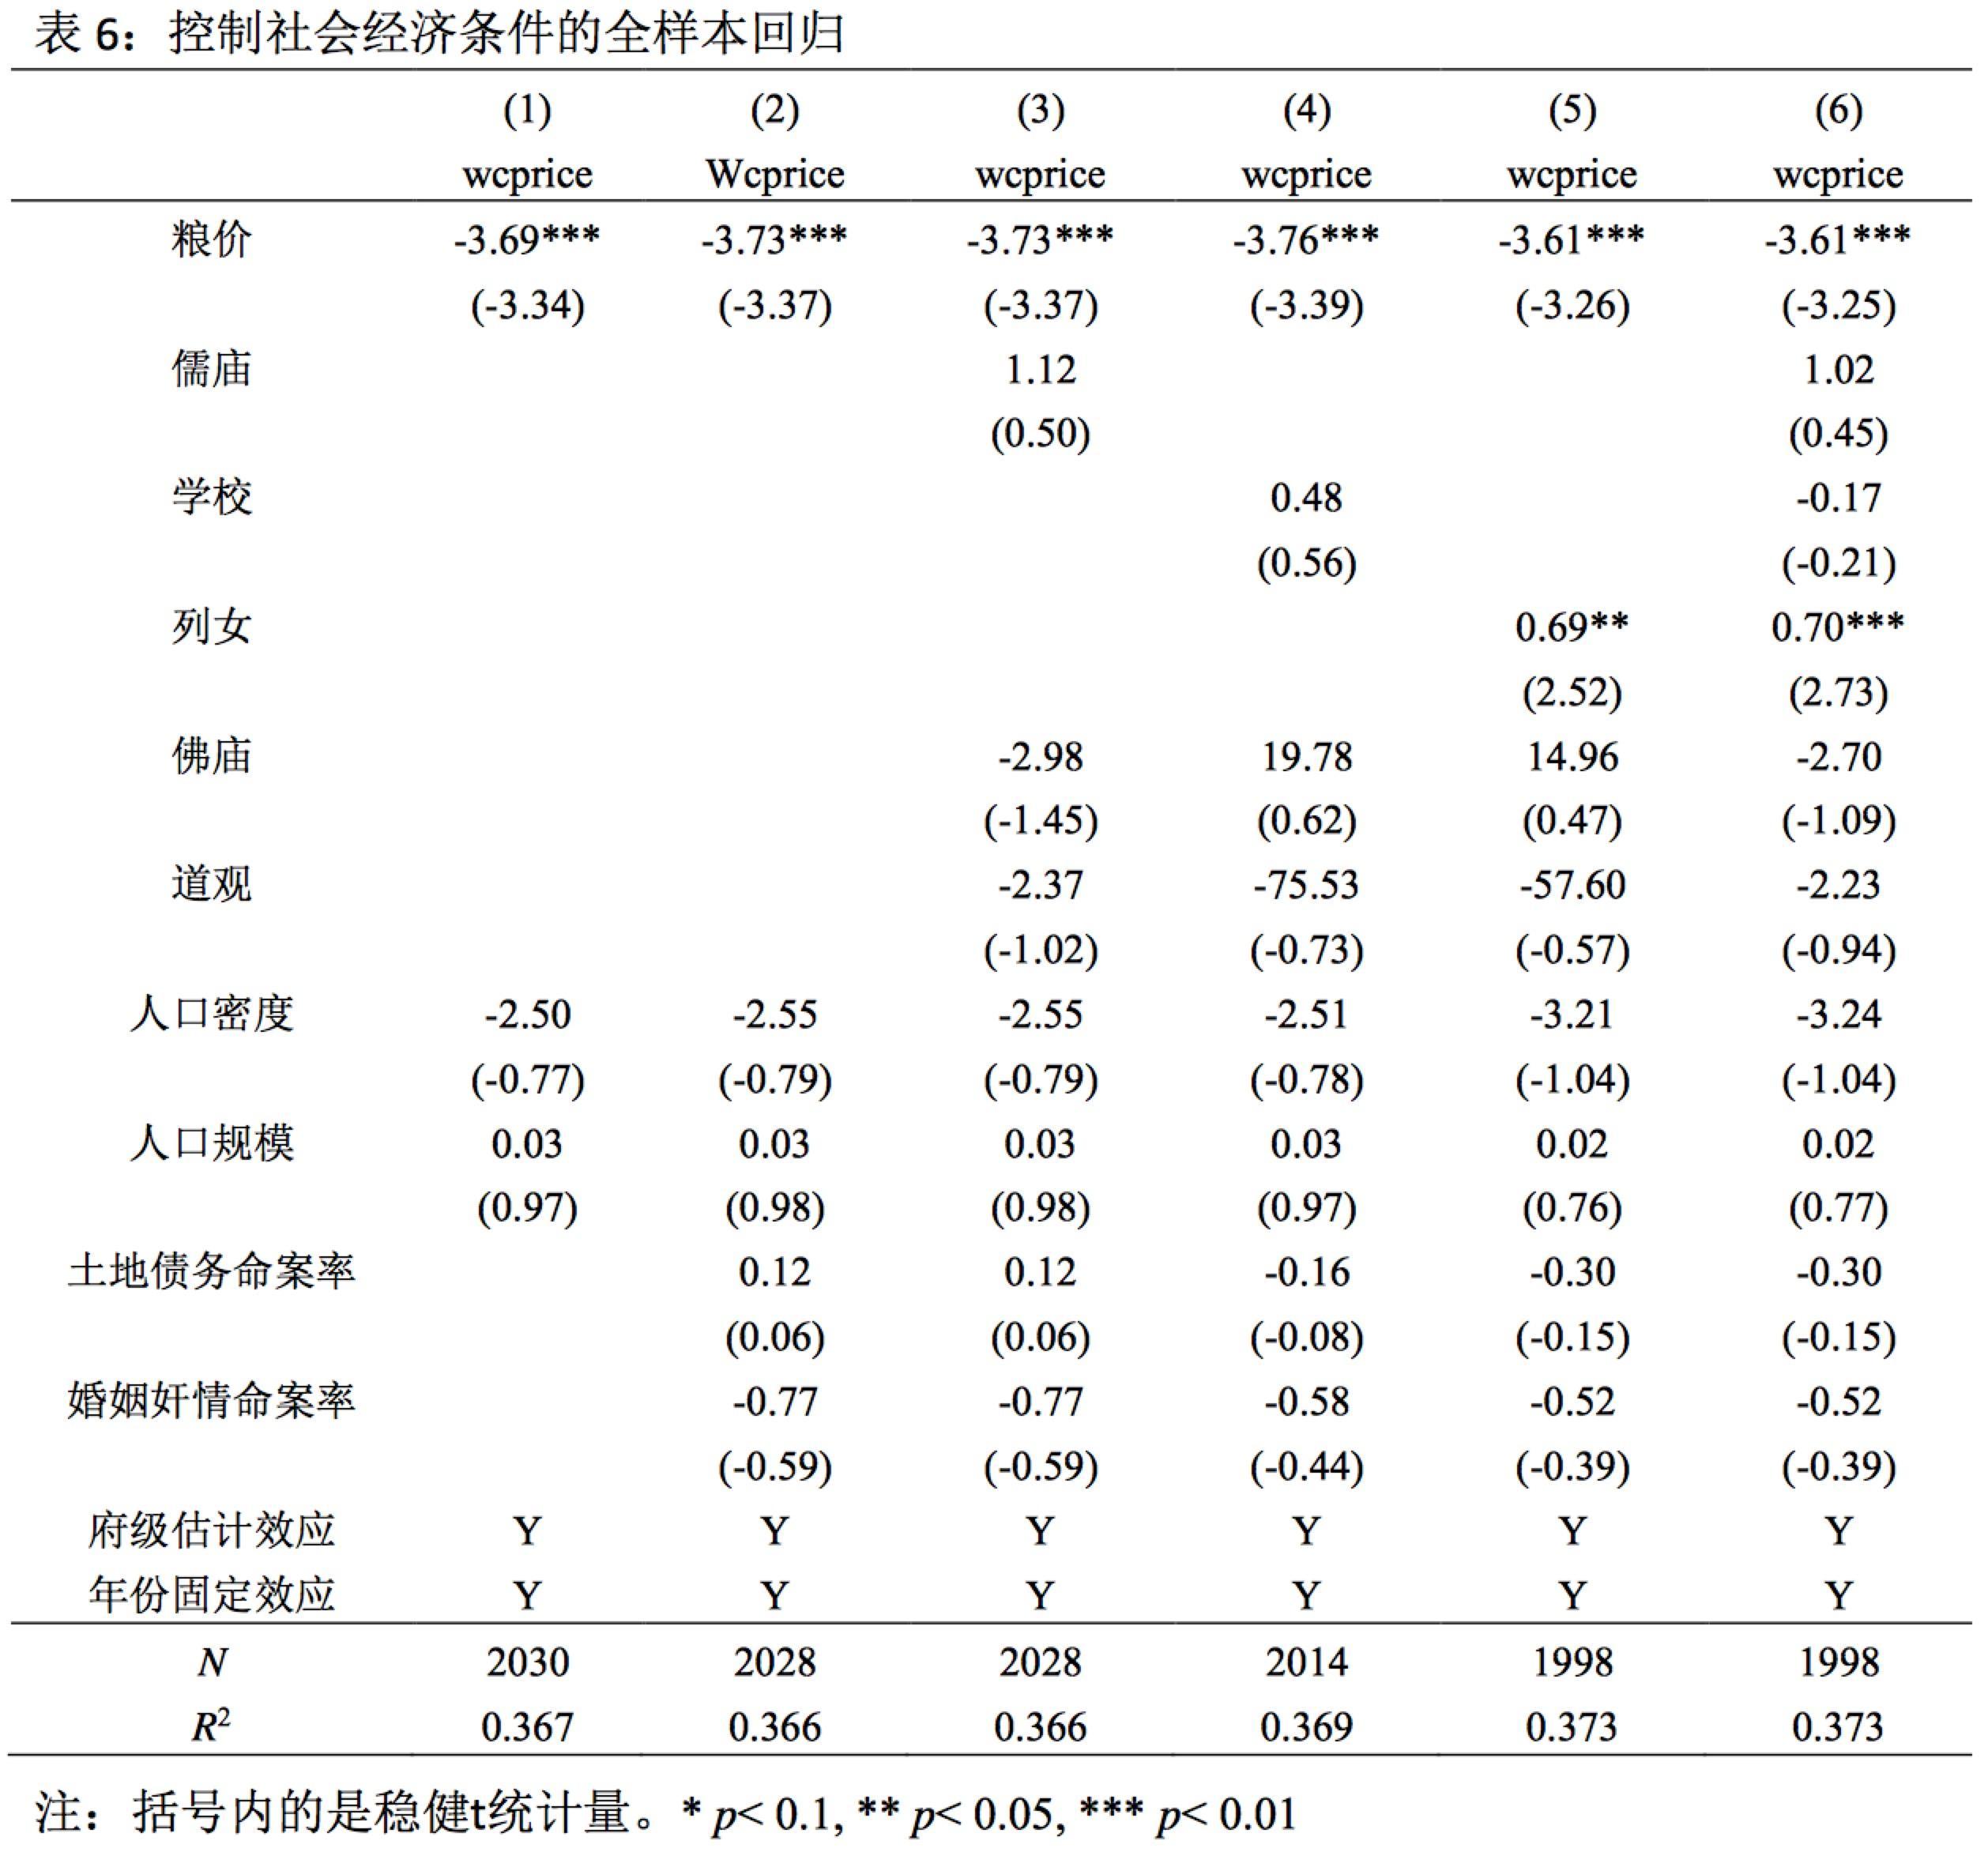 陈志武:清代妻妾价格研究 ——传统社会里女性如何被用作避险资产?